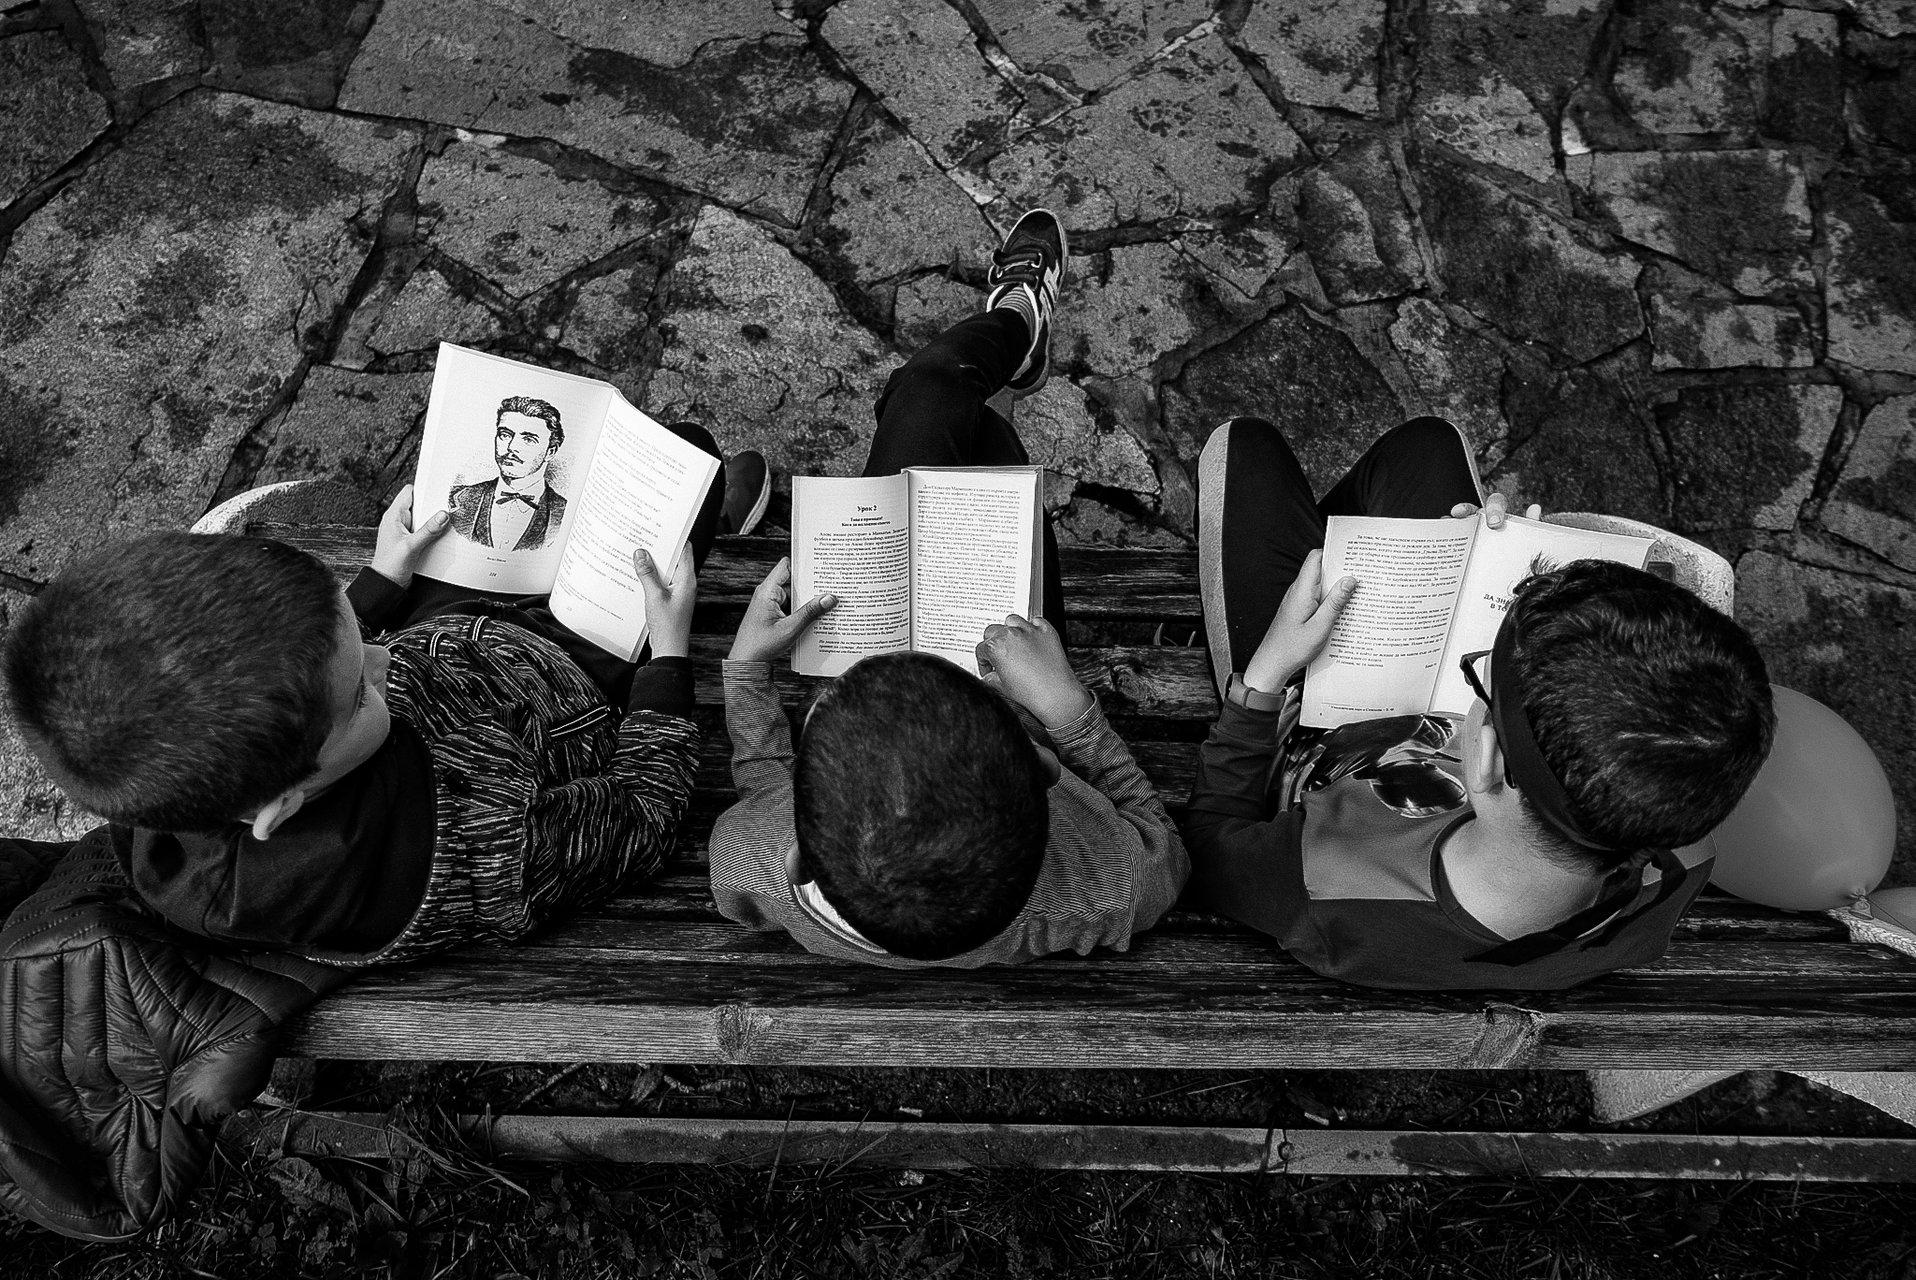 Децата и книгите от Захари Минчев - Zaxo